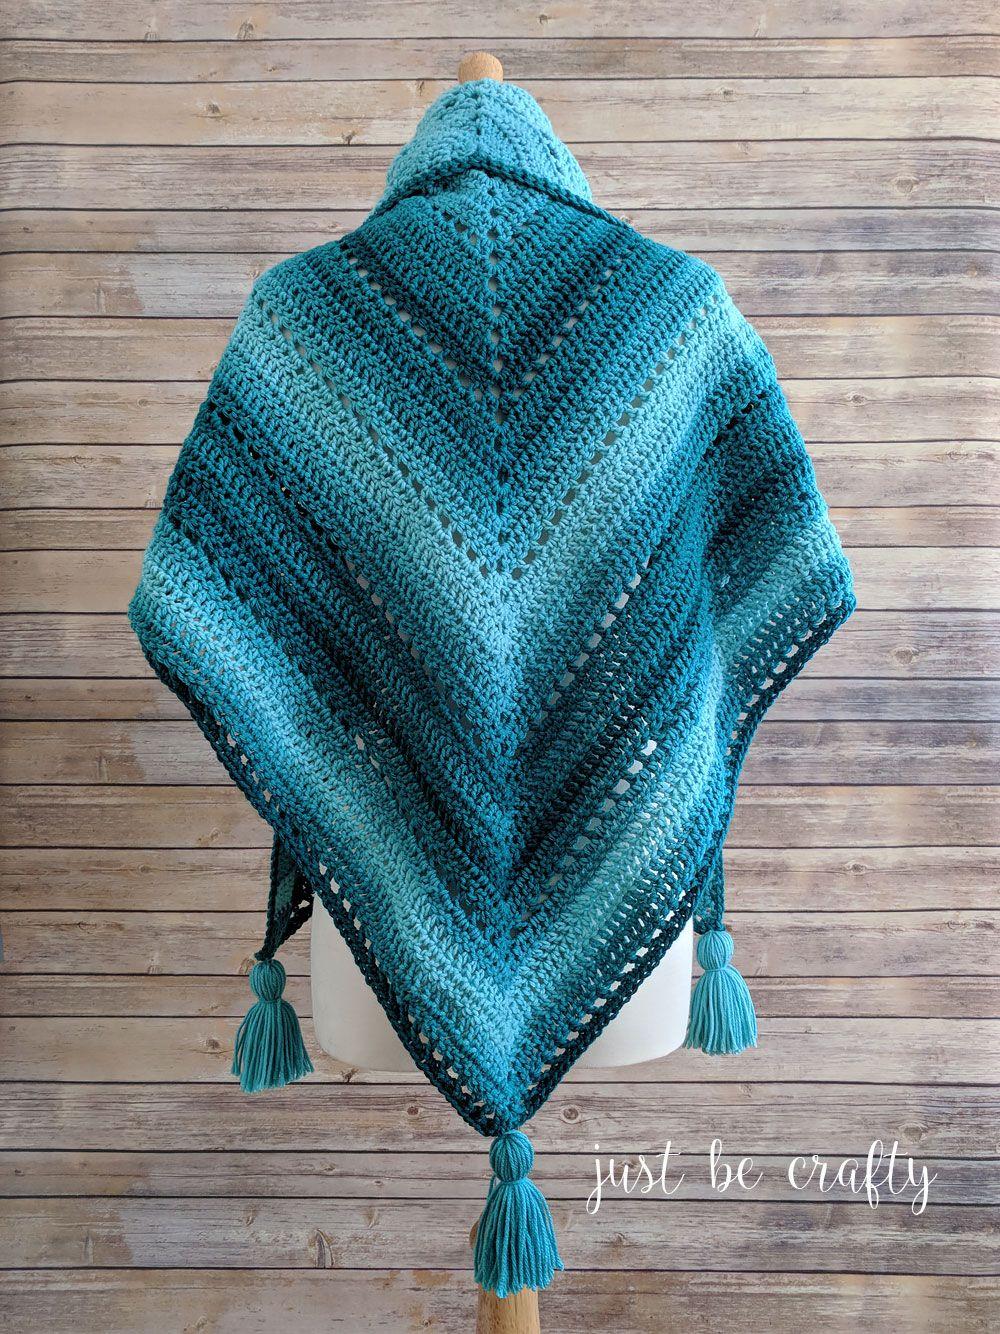 Crochet Triangle Shawl Pattern Free Crochet Pattern By Crochet